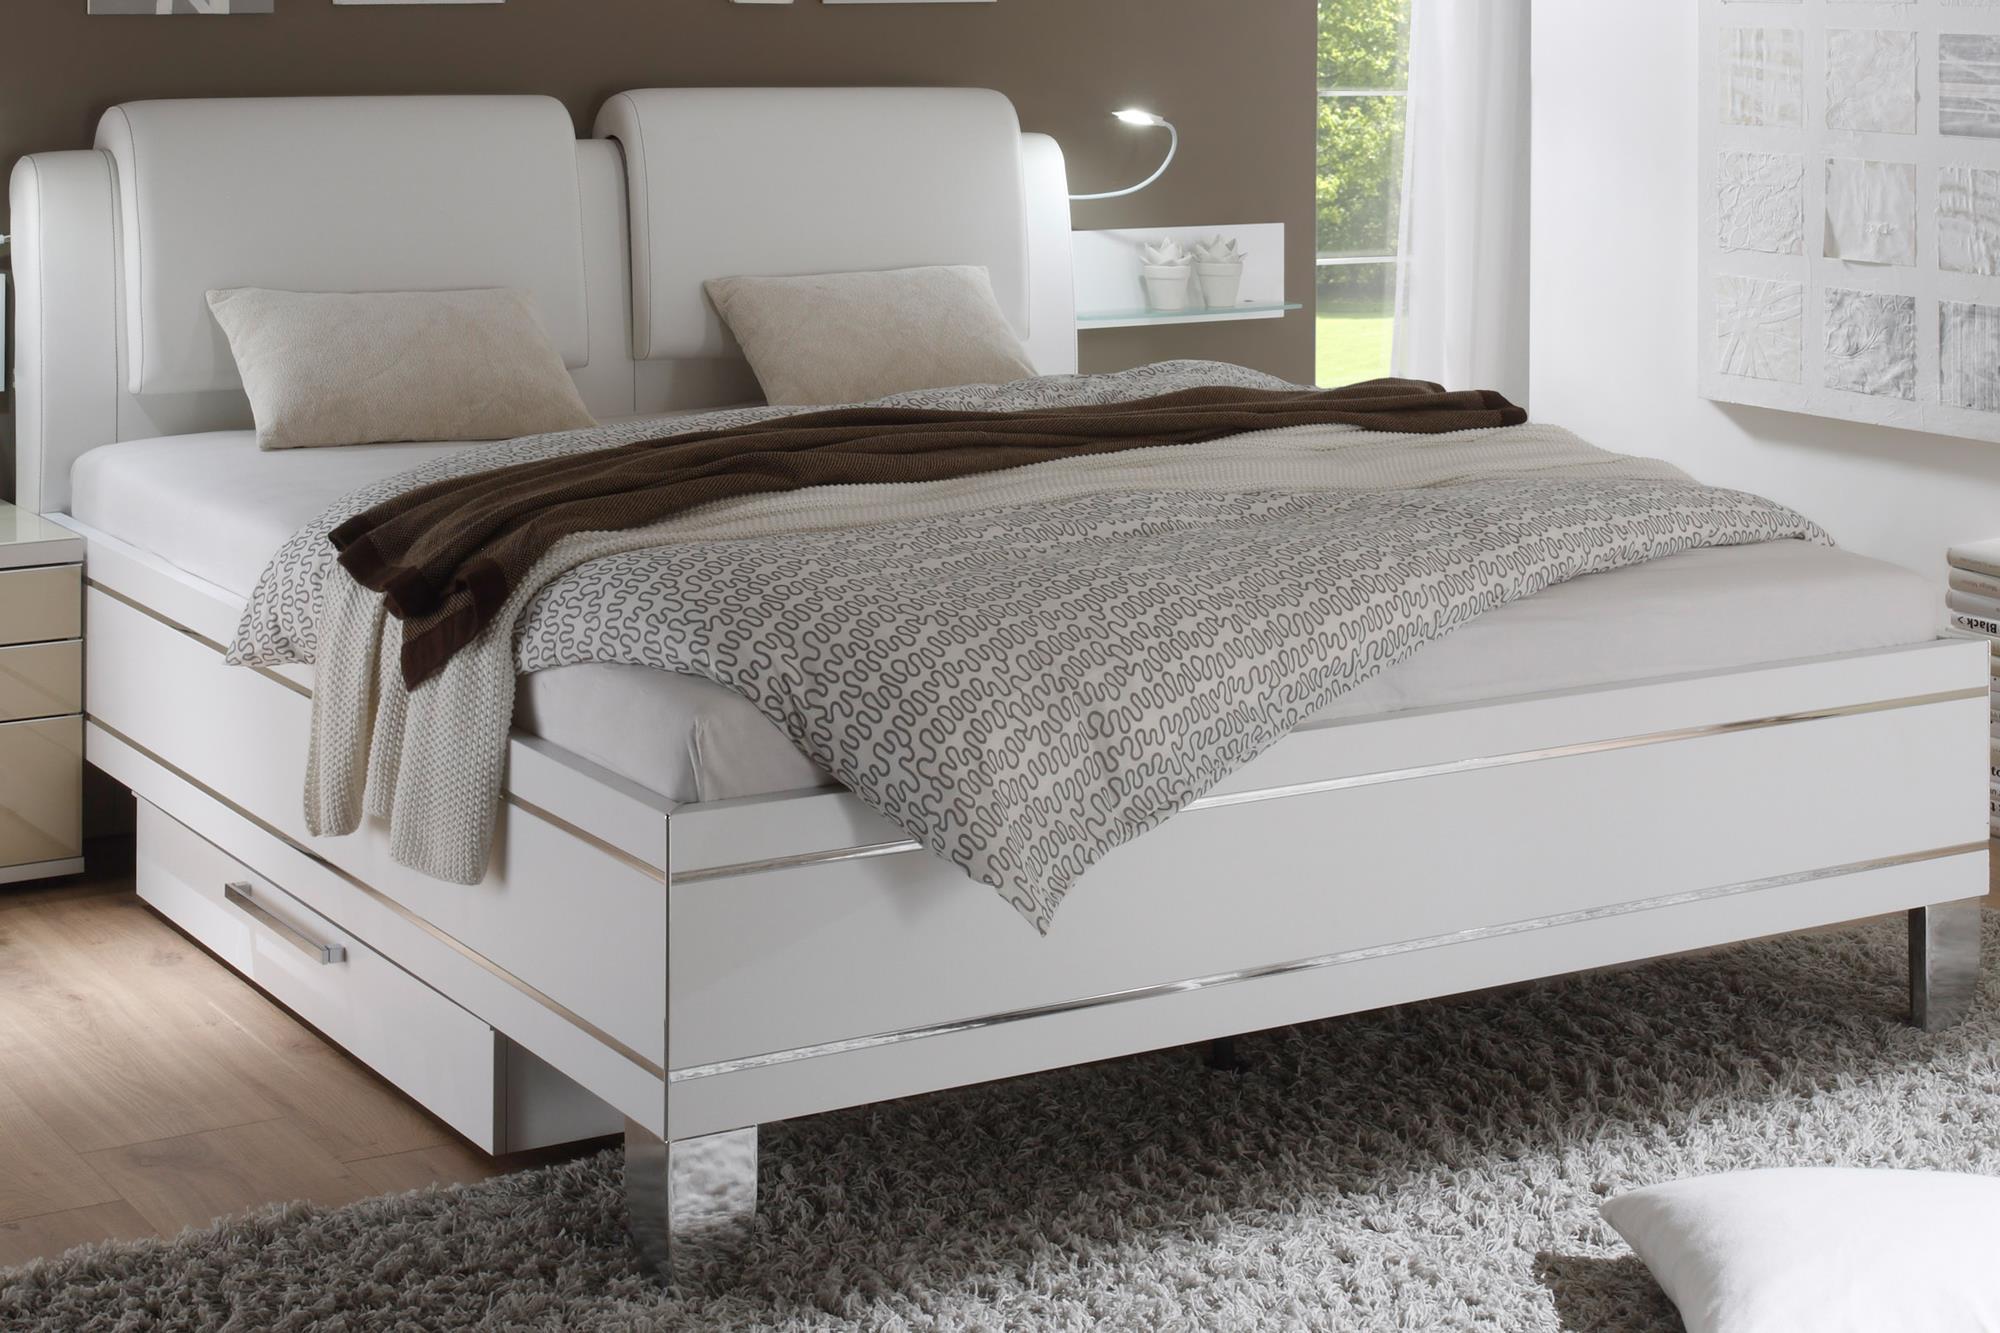 Full Size of Bett Modern Kaufen Holz Italienisches Design Puristisch Sleep Better 140x200 180x200 Beyond Pillow 120x200 Leader Betten Tagesdecke Ruf Fabrikverkauf Wohnzimmer Bett Modern